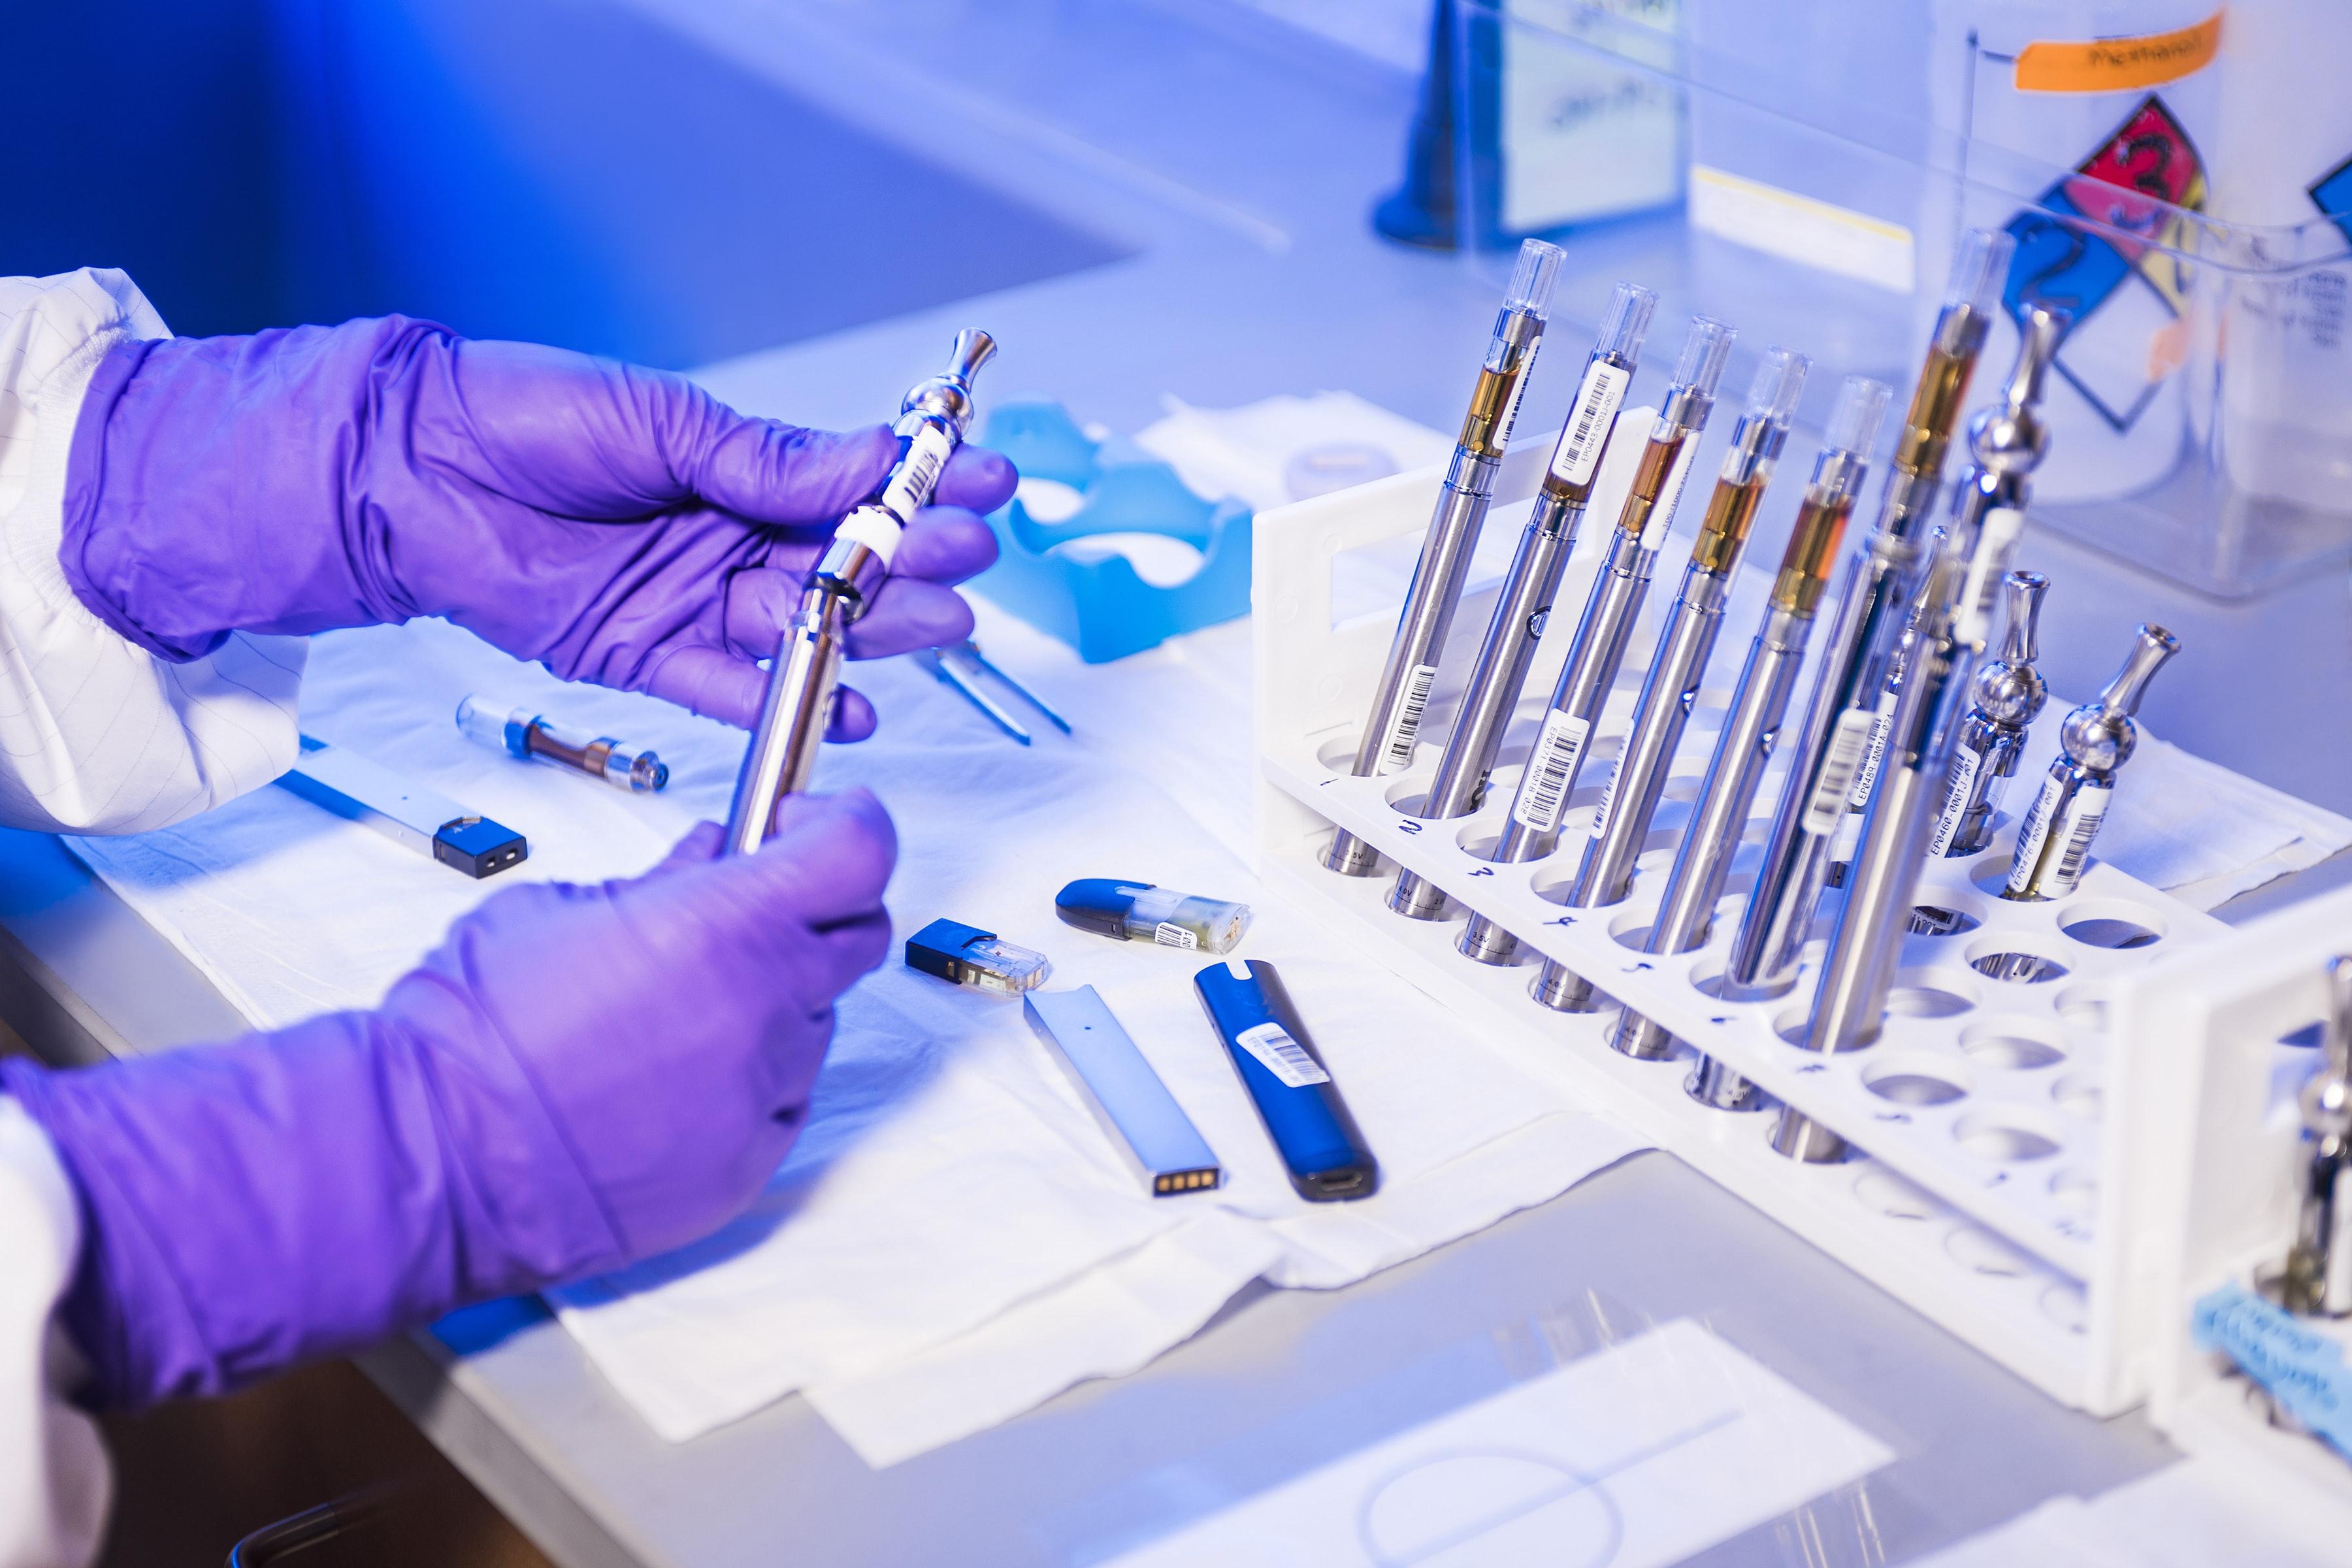 ¿La vacuna para el COVID puede inmunizar la reputación de las farmacéuticas? Parte 3